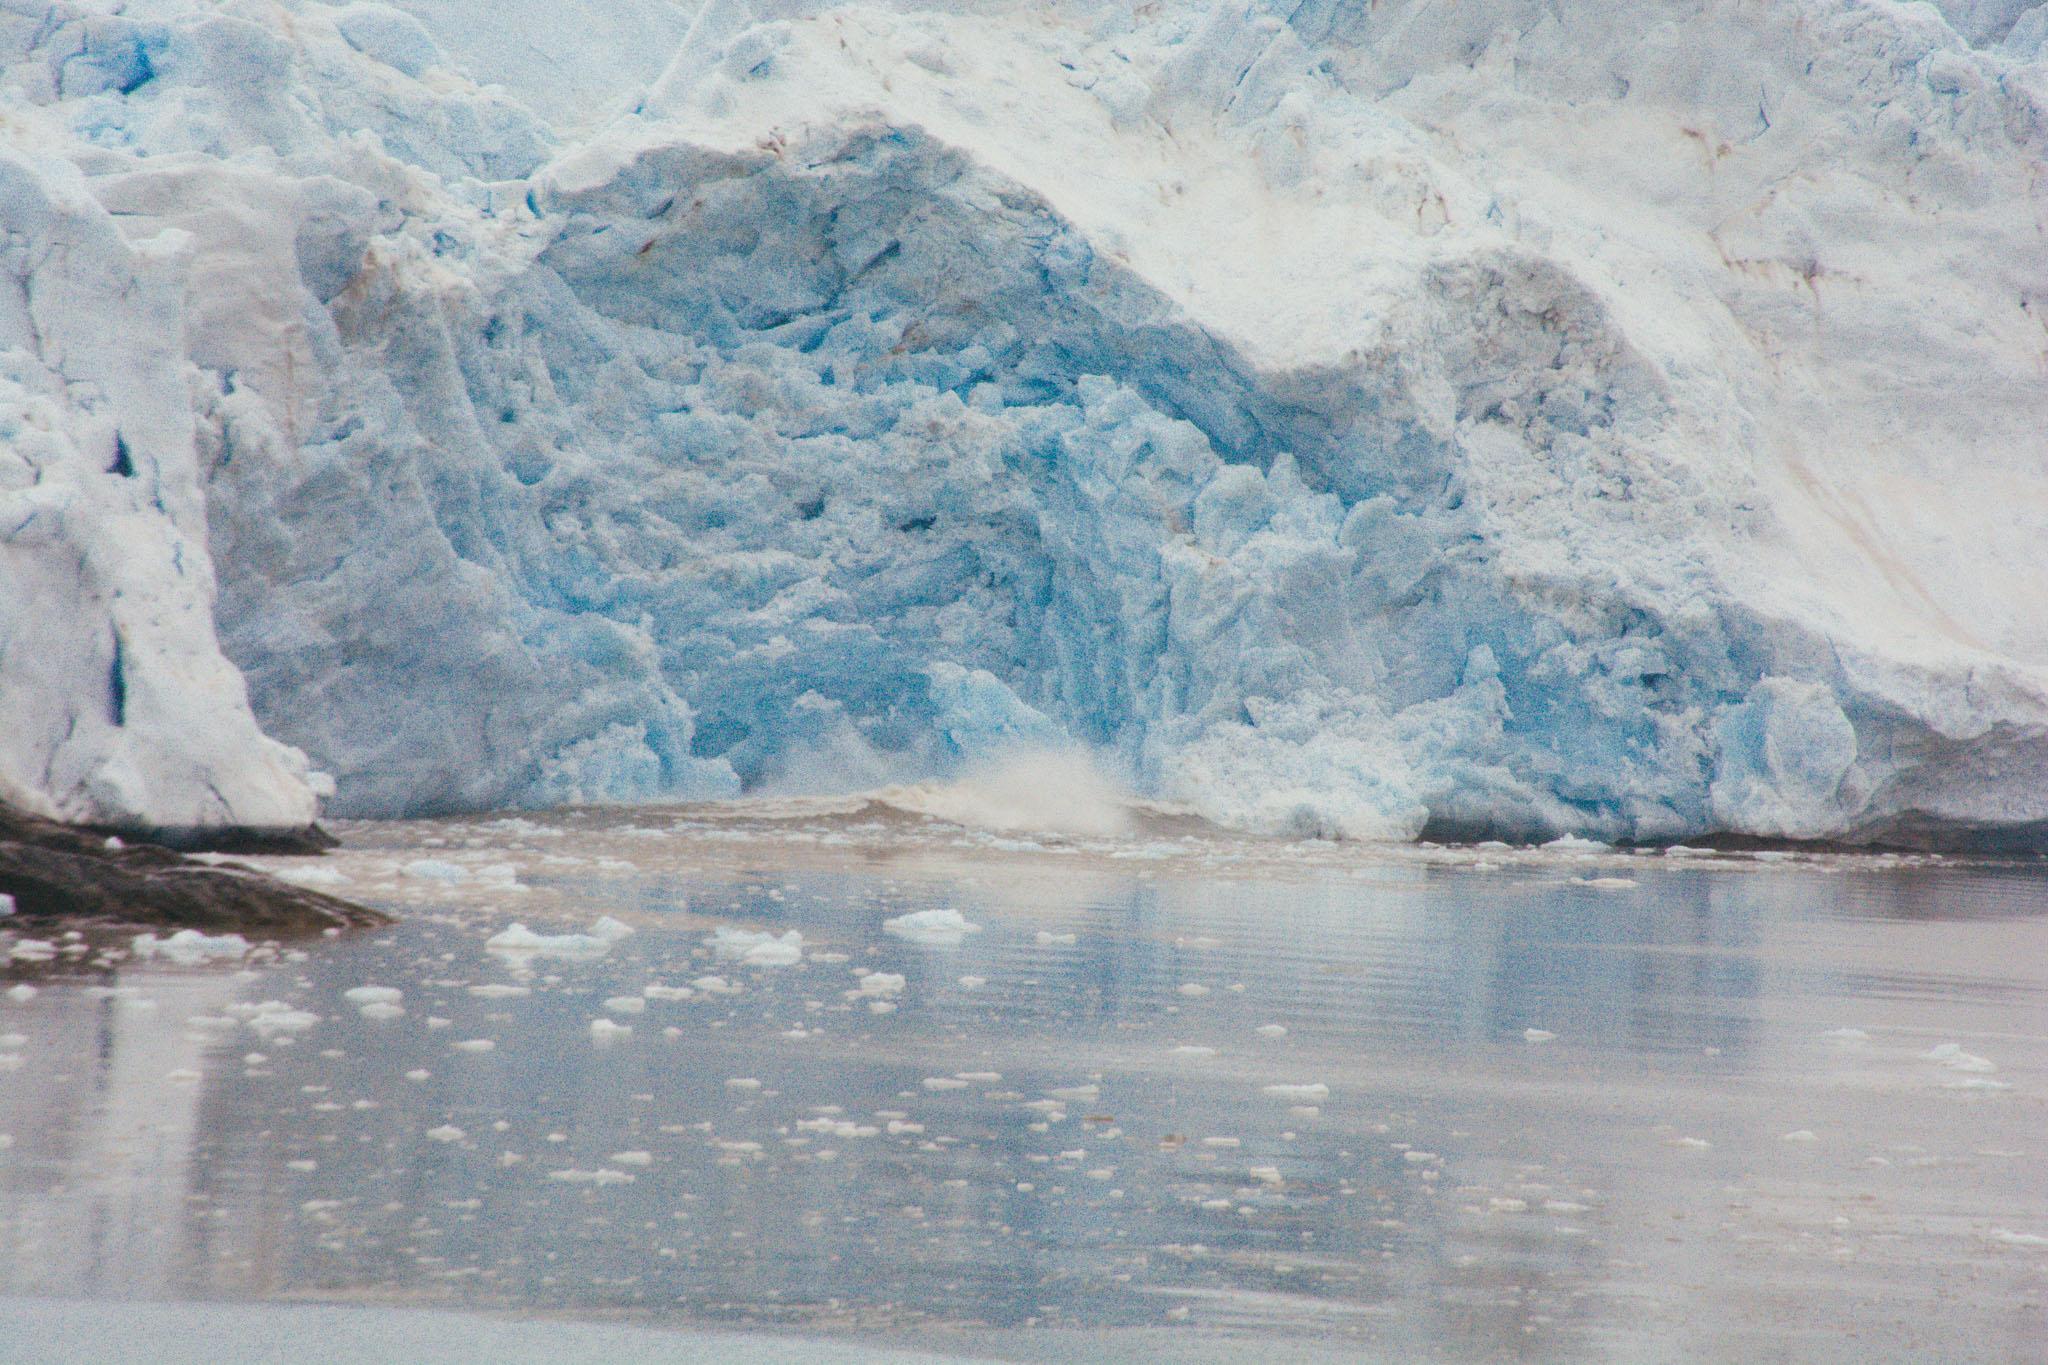 Svalbard_2018_Pukka_Perri_Rothenberg-120.jpg